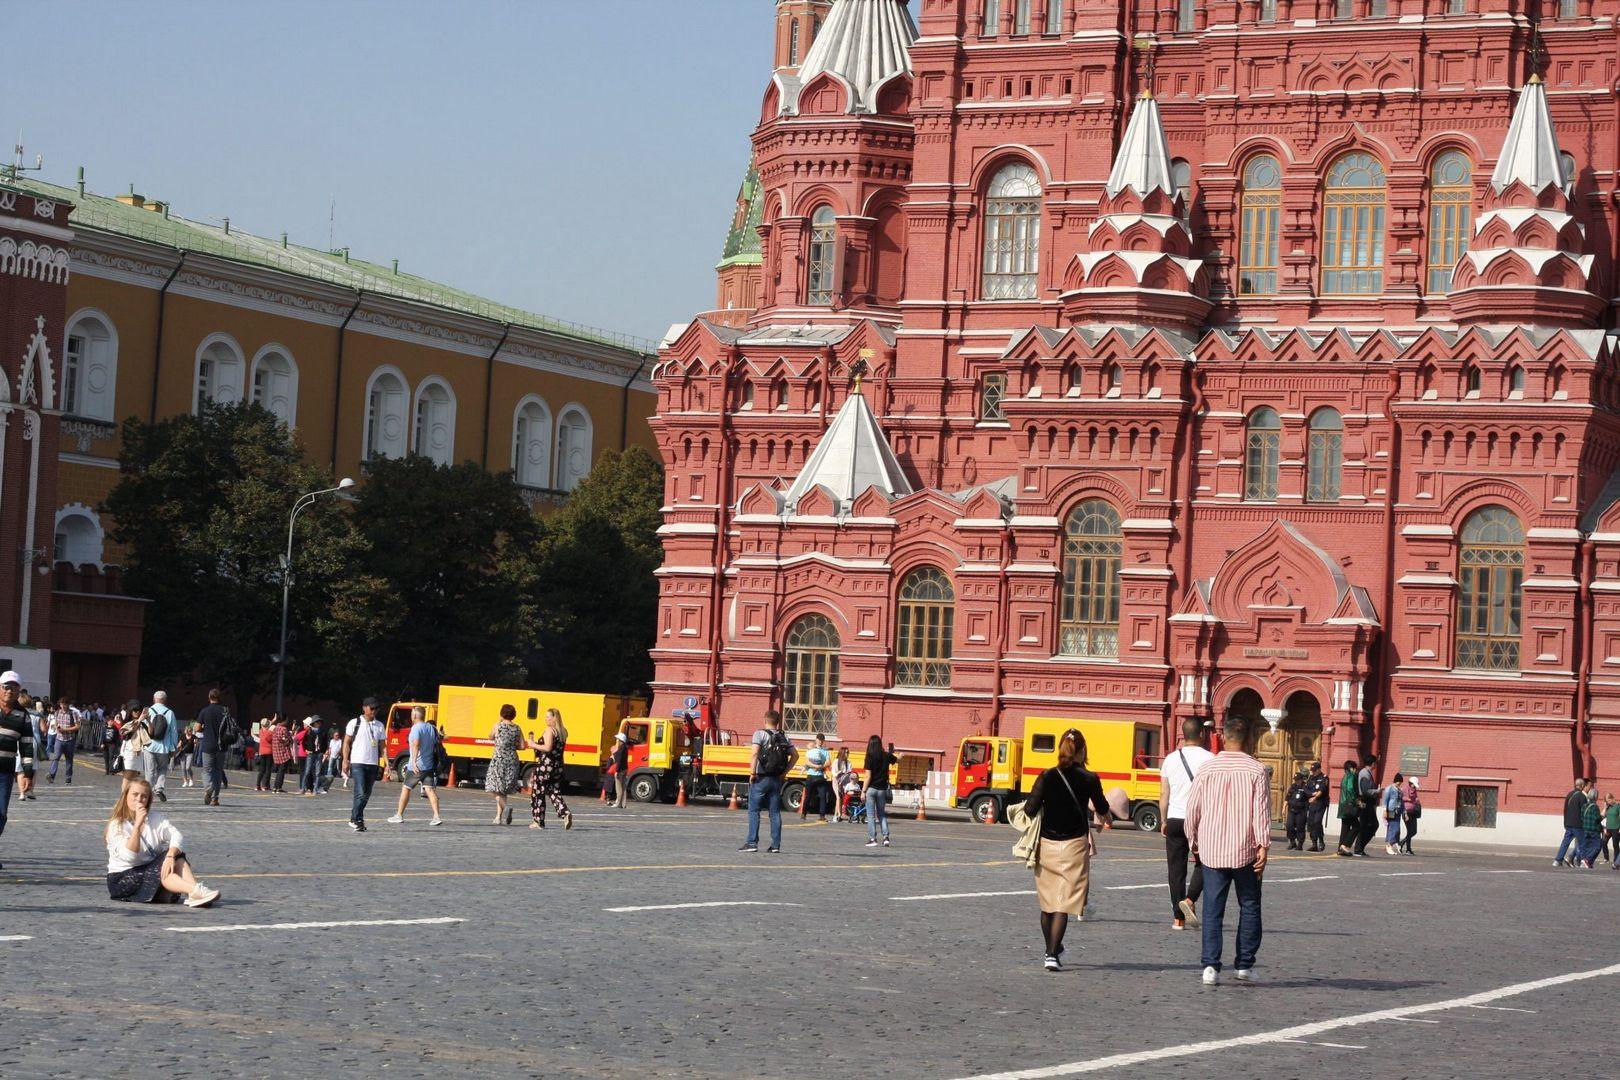 Пока туристы гуляют по Красной площади, специалисты ГУП Москоллектор заняты работой